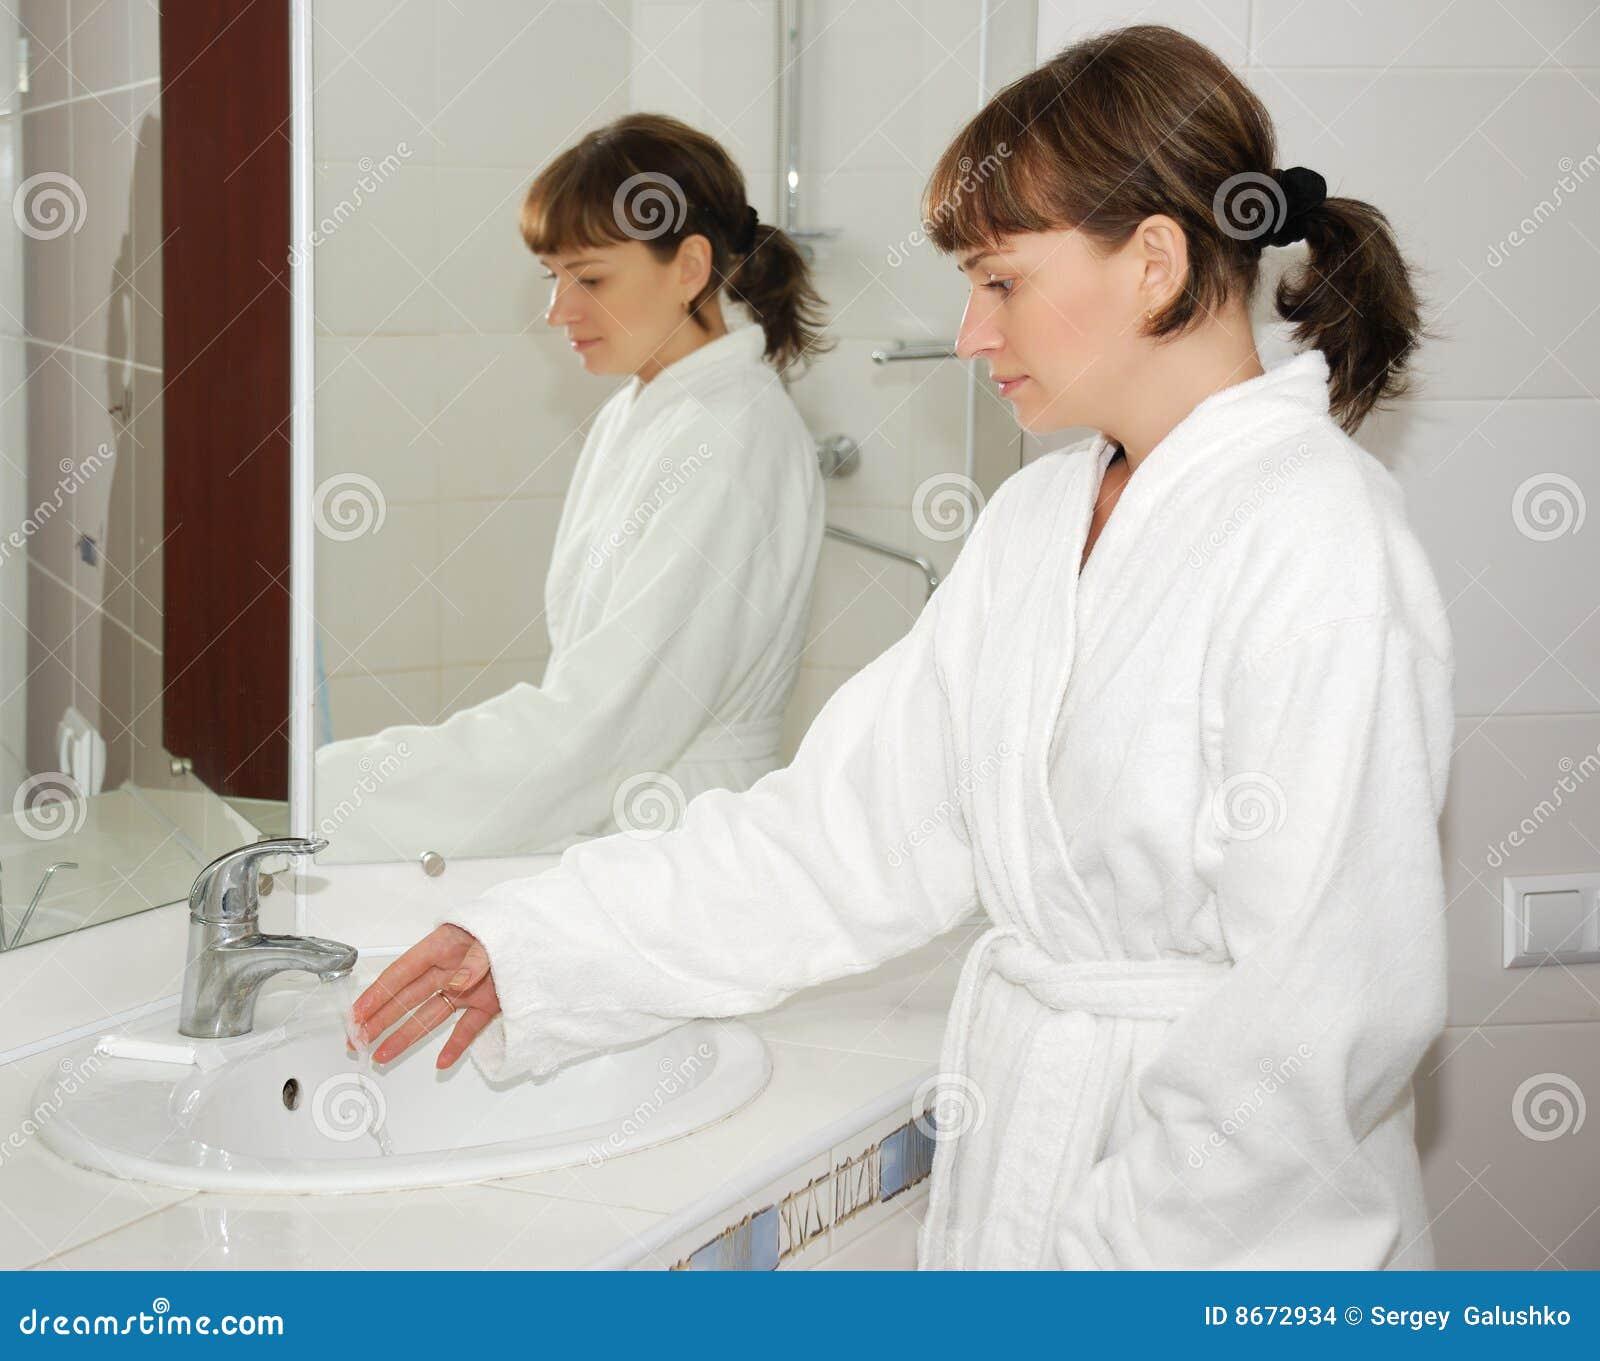 Фото девушек в ванне снятое на телефон секс